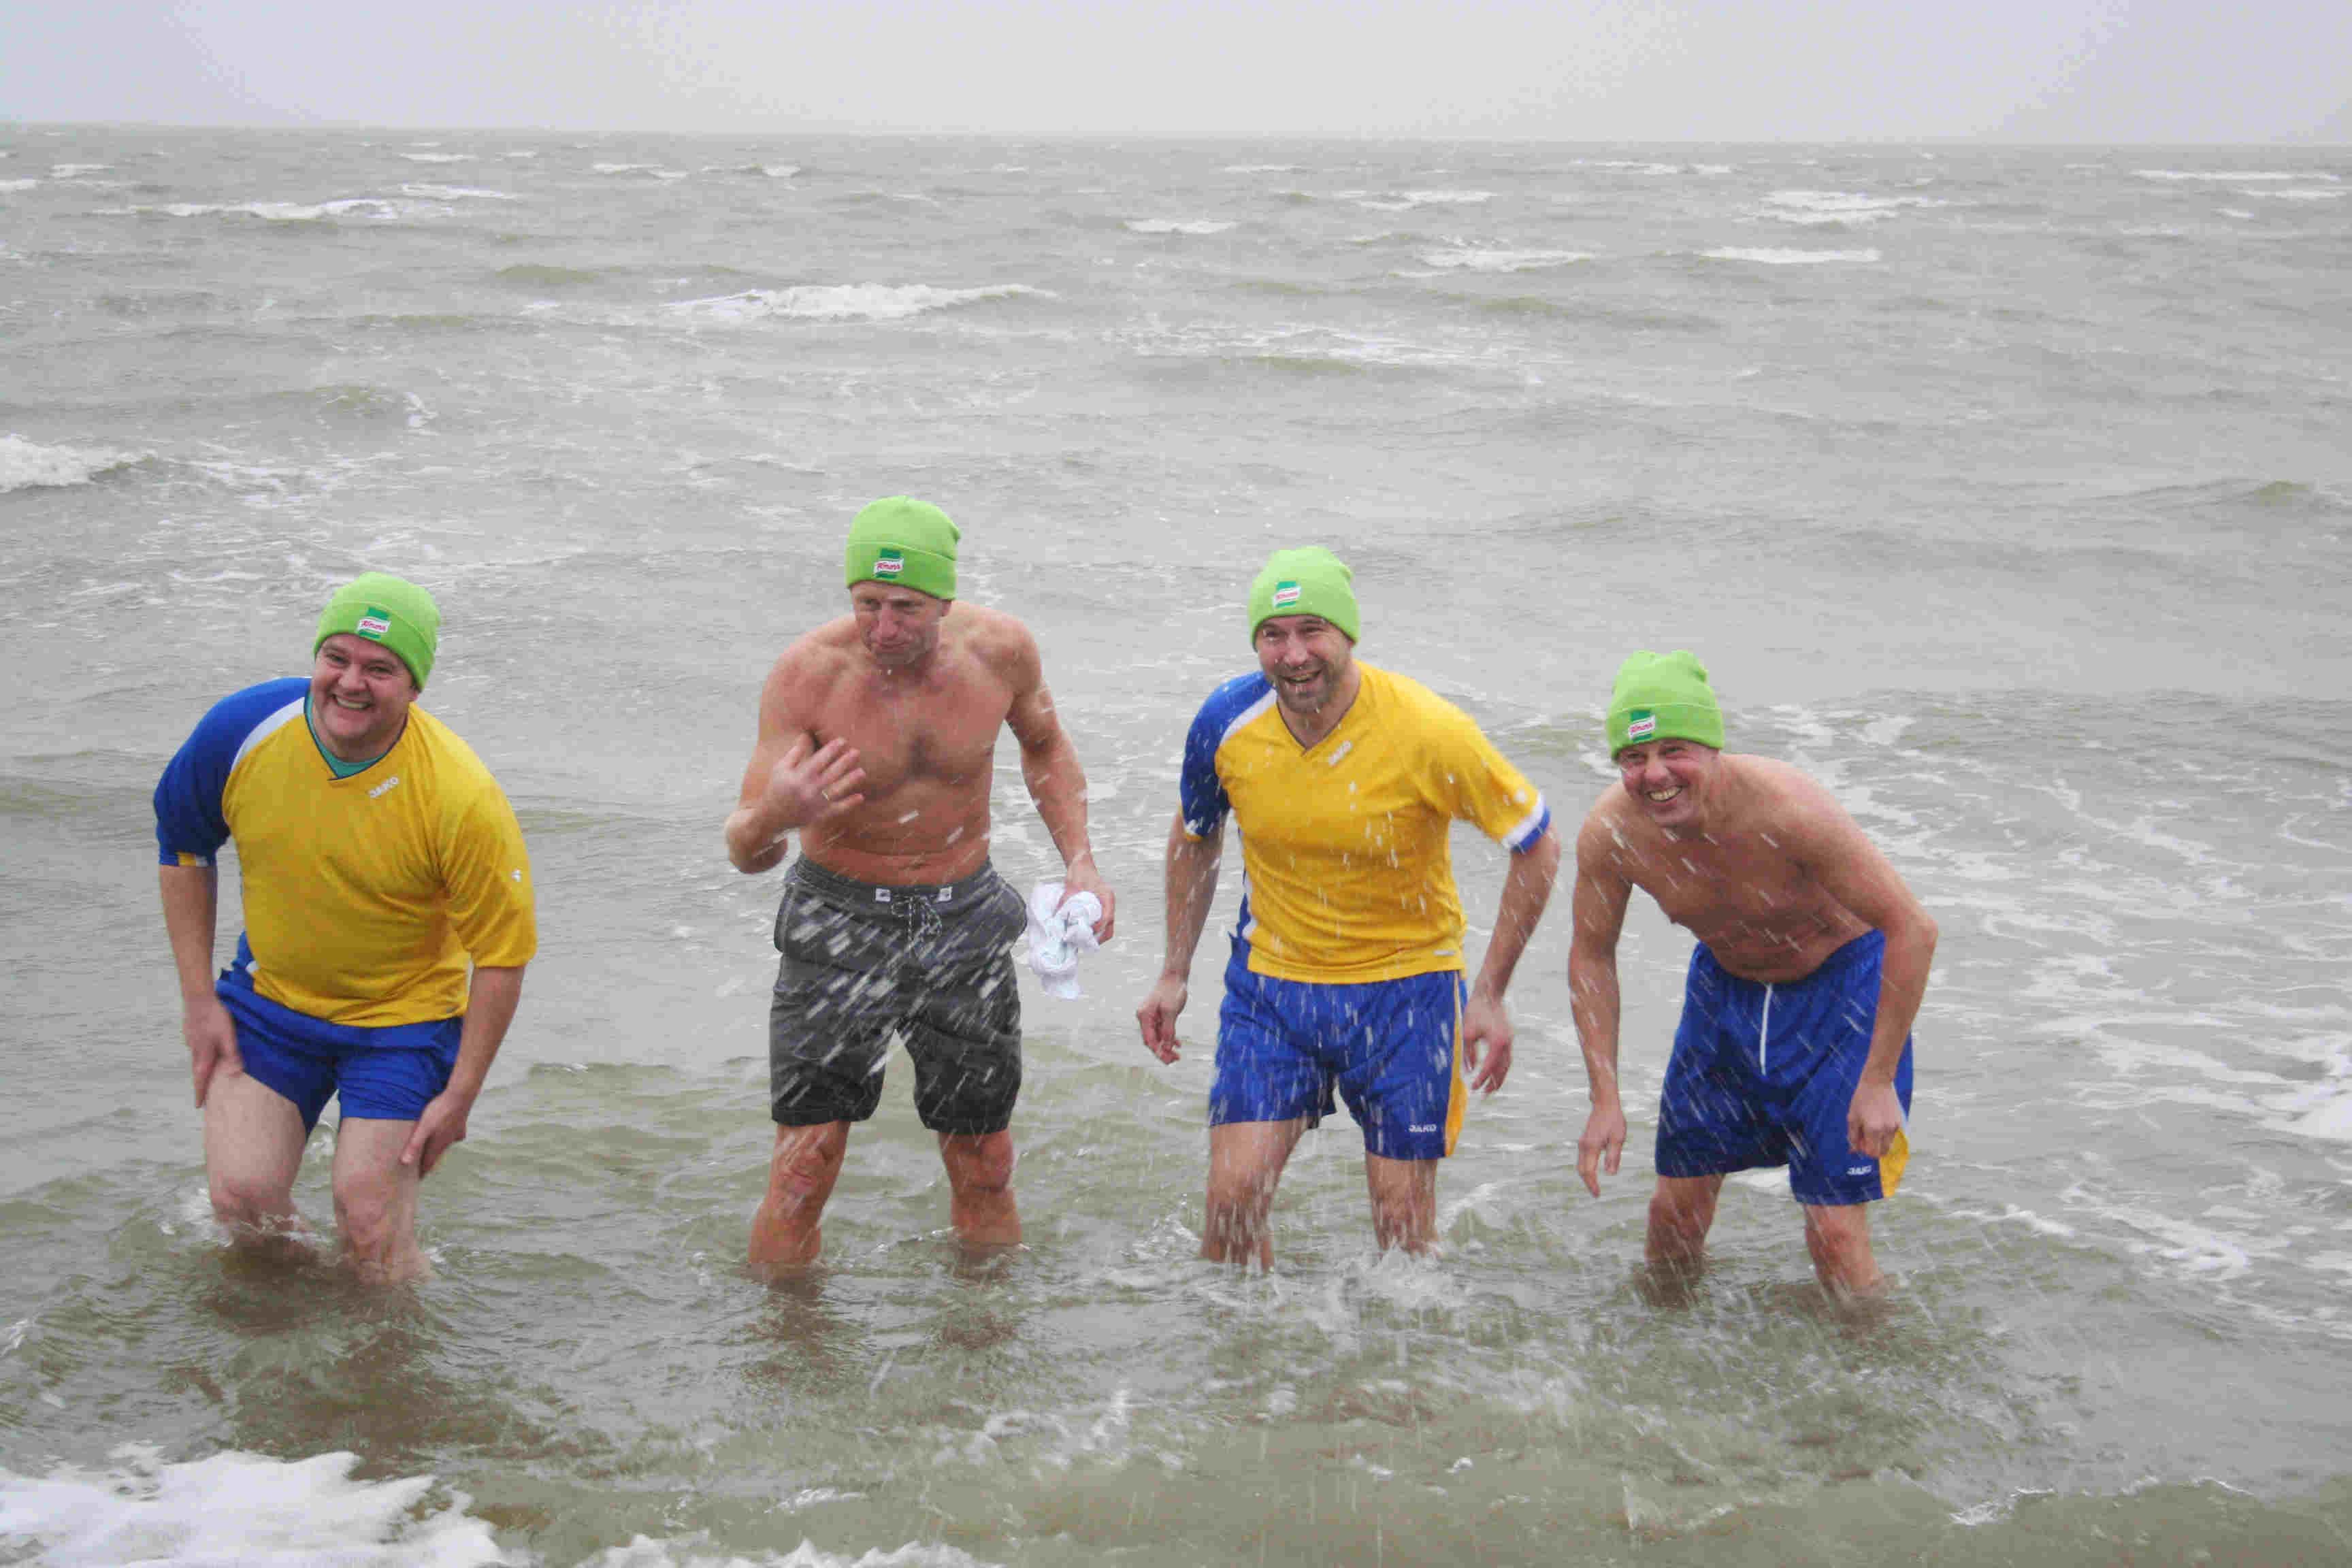 Männer baden im Winter in der Nordsee